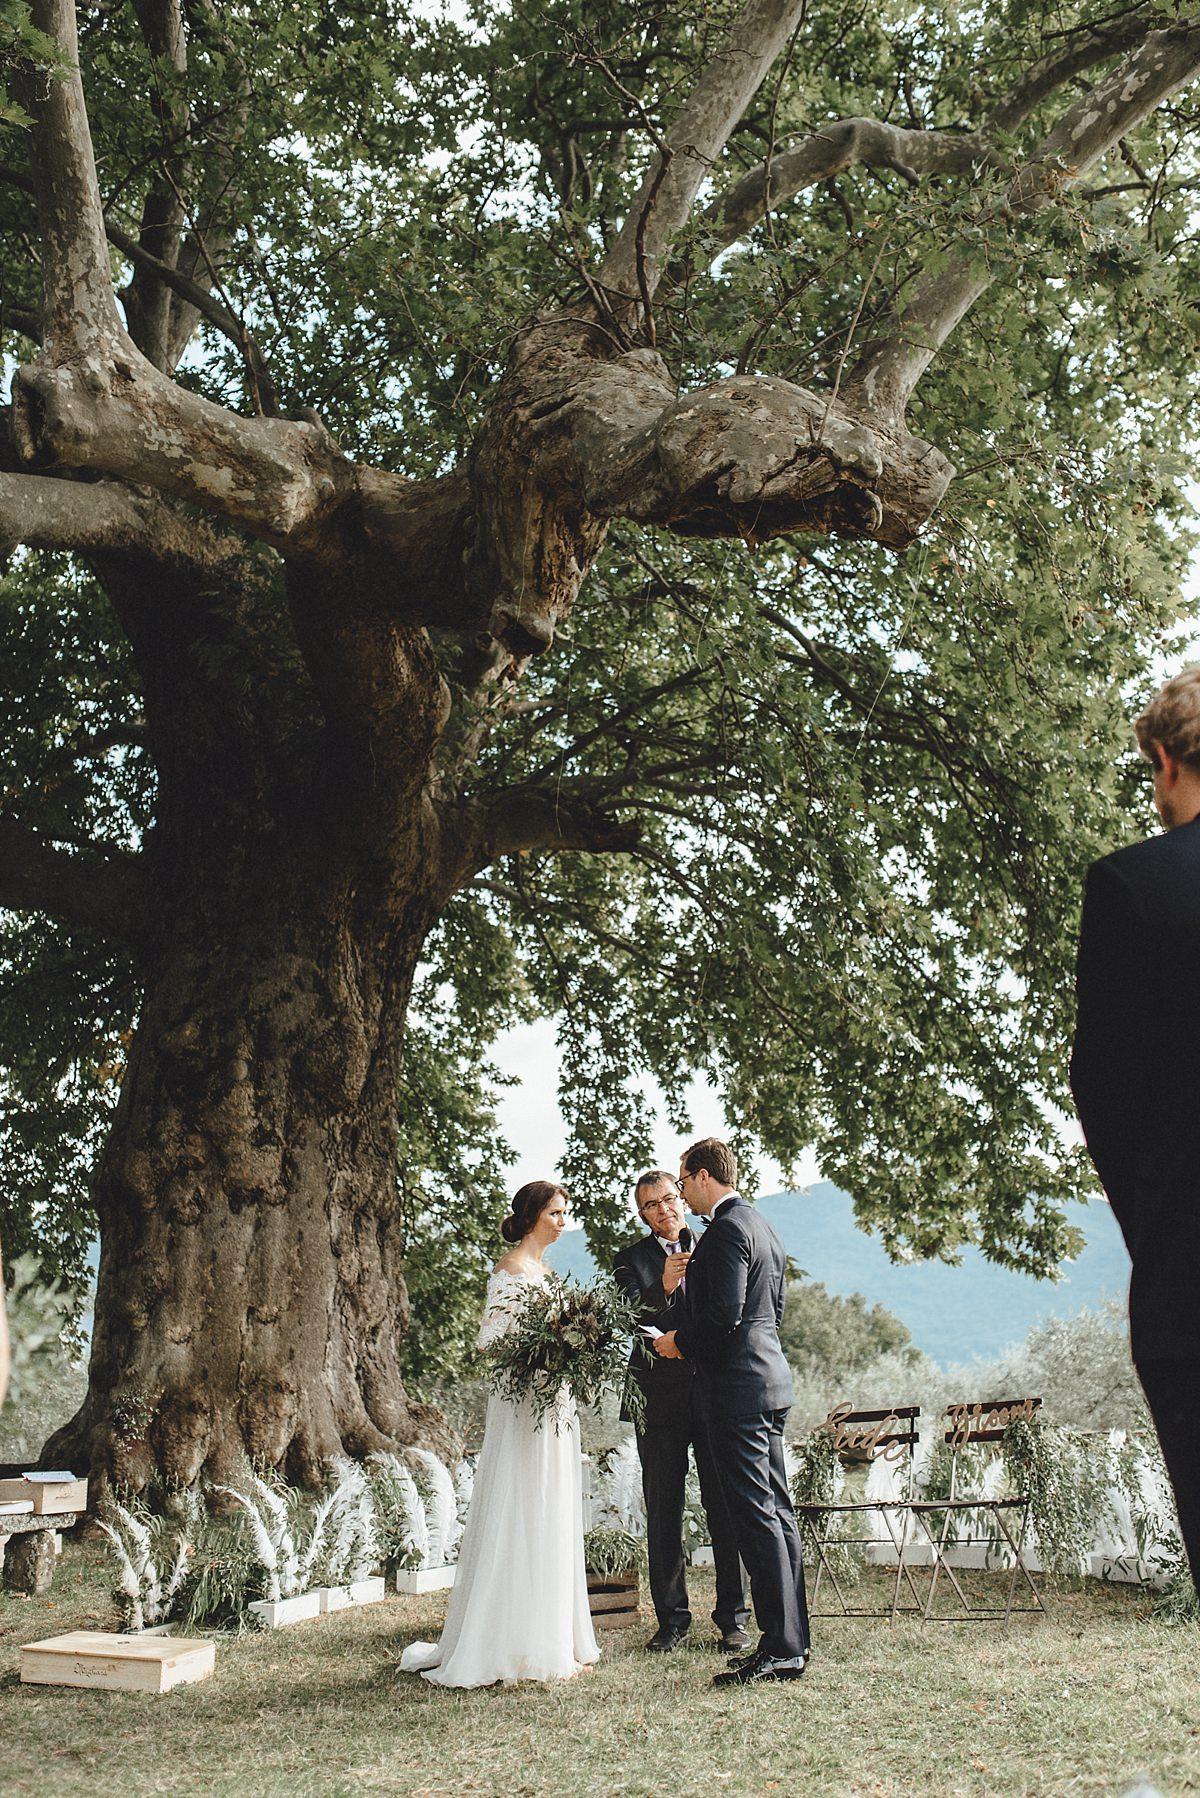 hochzeitsfotograf toskana Kristina & Daniel Mediterrane Toskana Hochzeithochzeitsfotograf toskana italien 2148